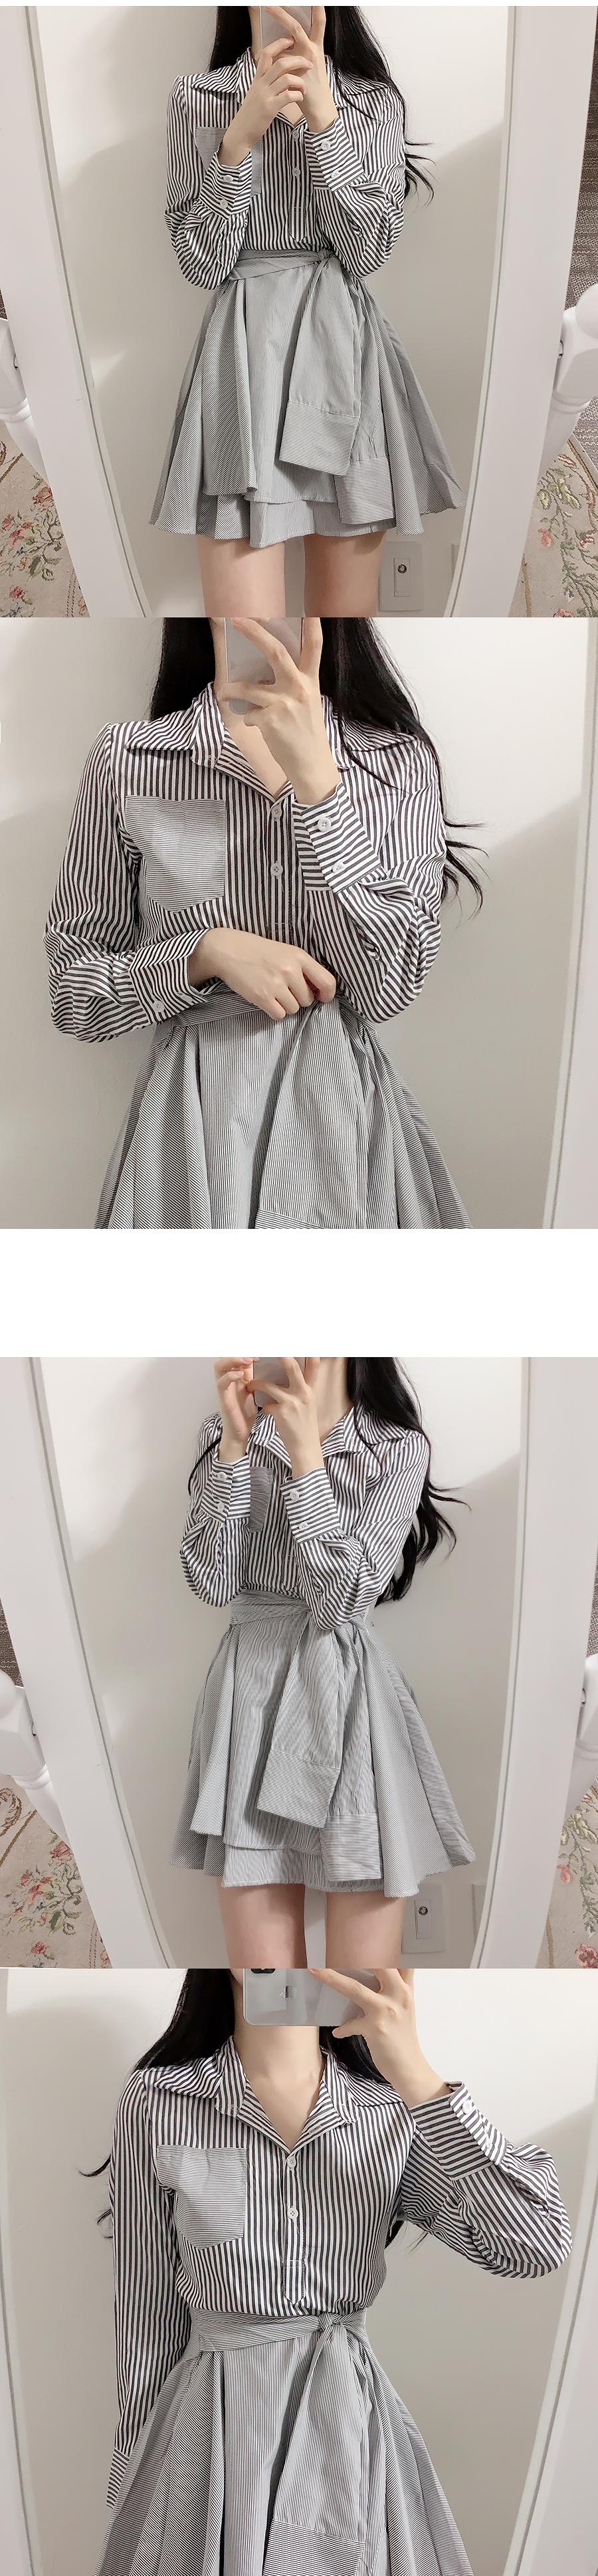 Street shirt collar dress